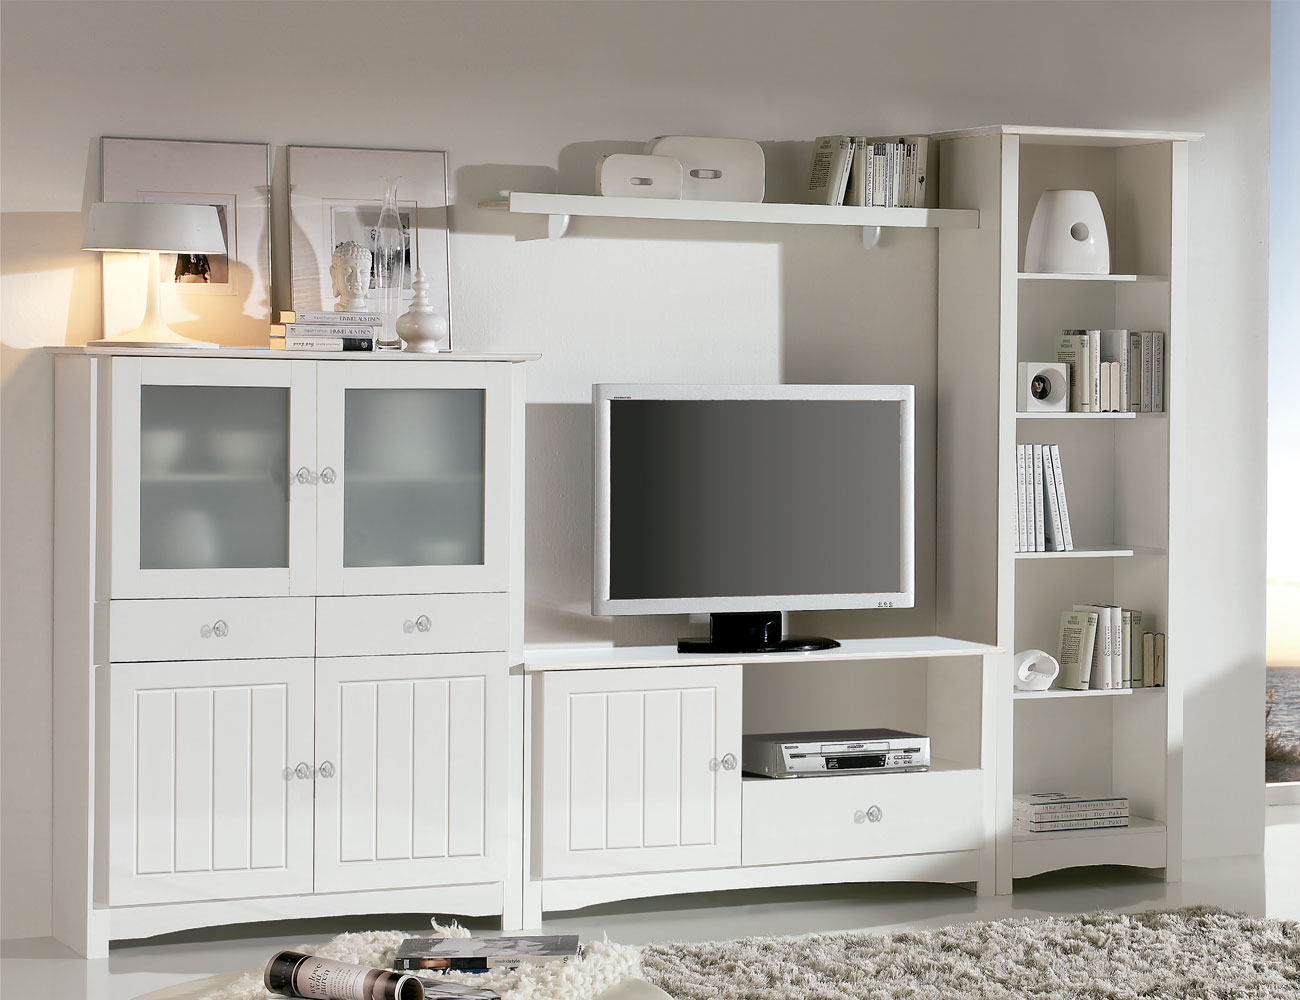 Sal n comedor con vitrina platero y mueble tv en madera for Catalogo ikea muebles salon comedor